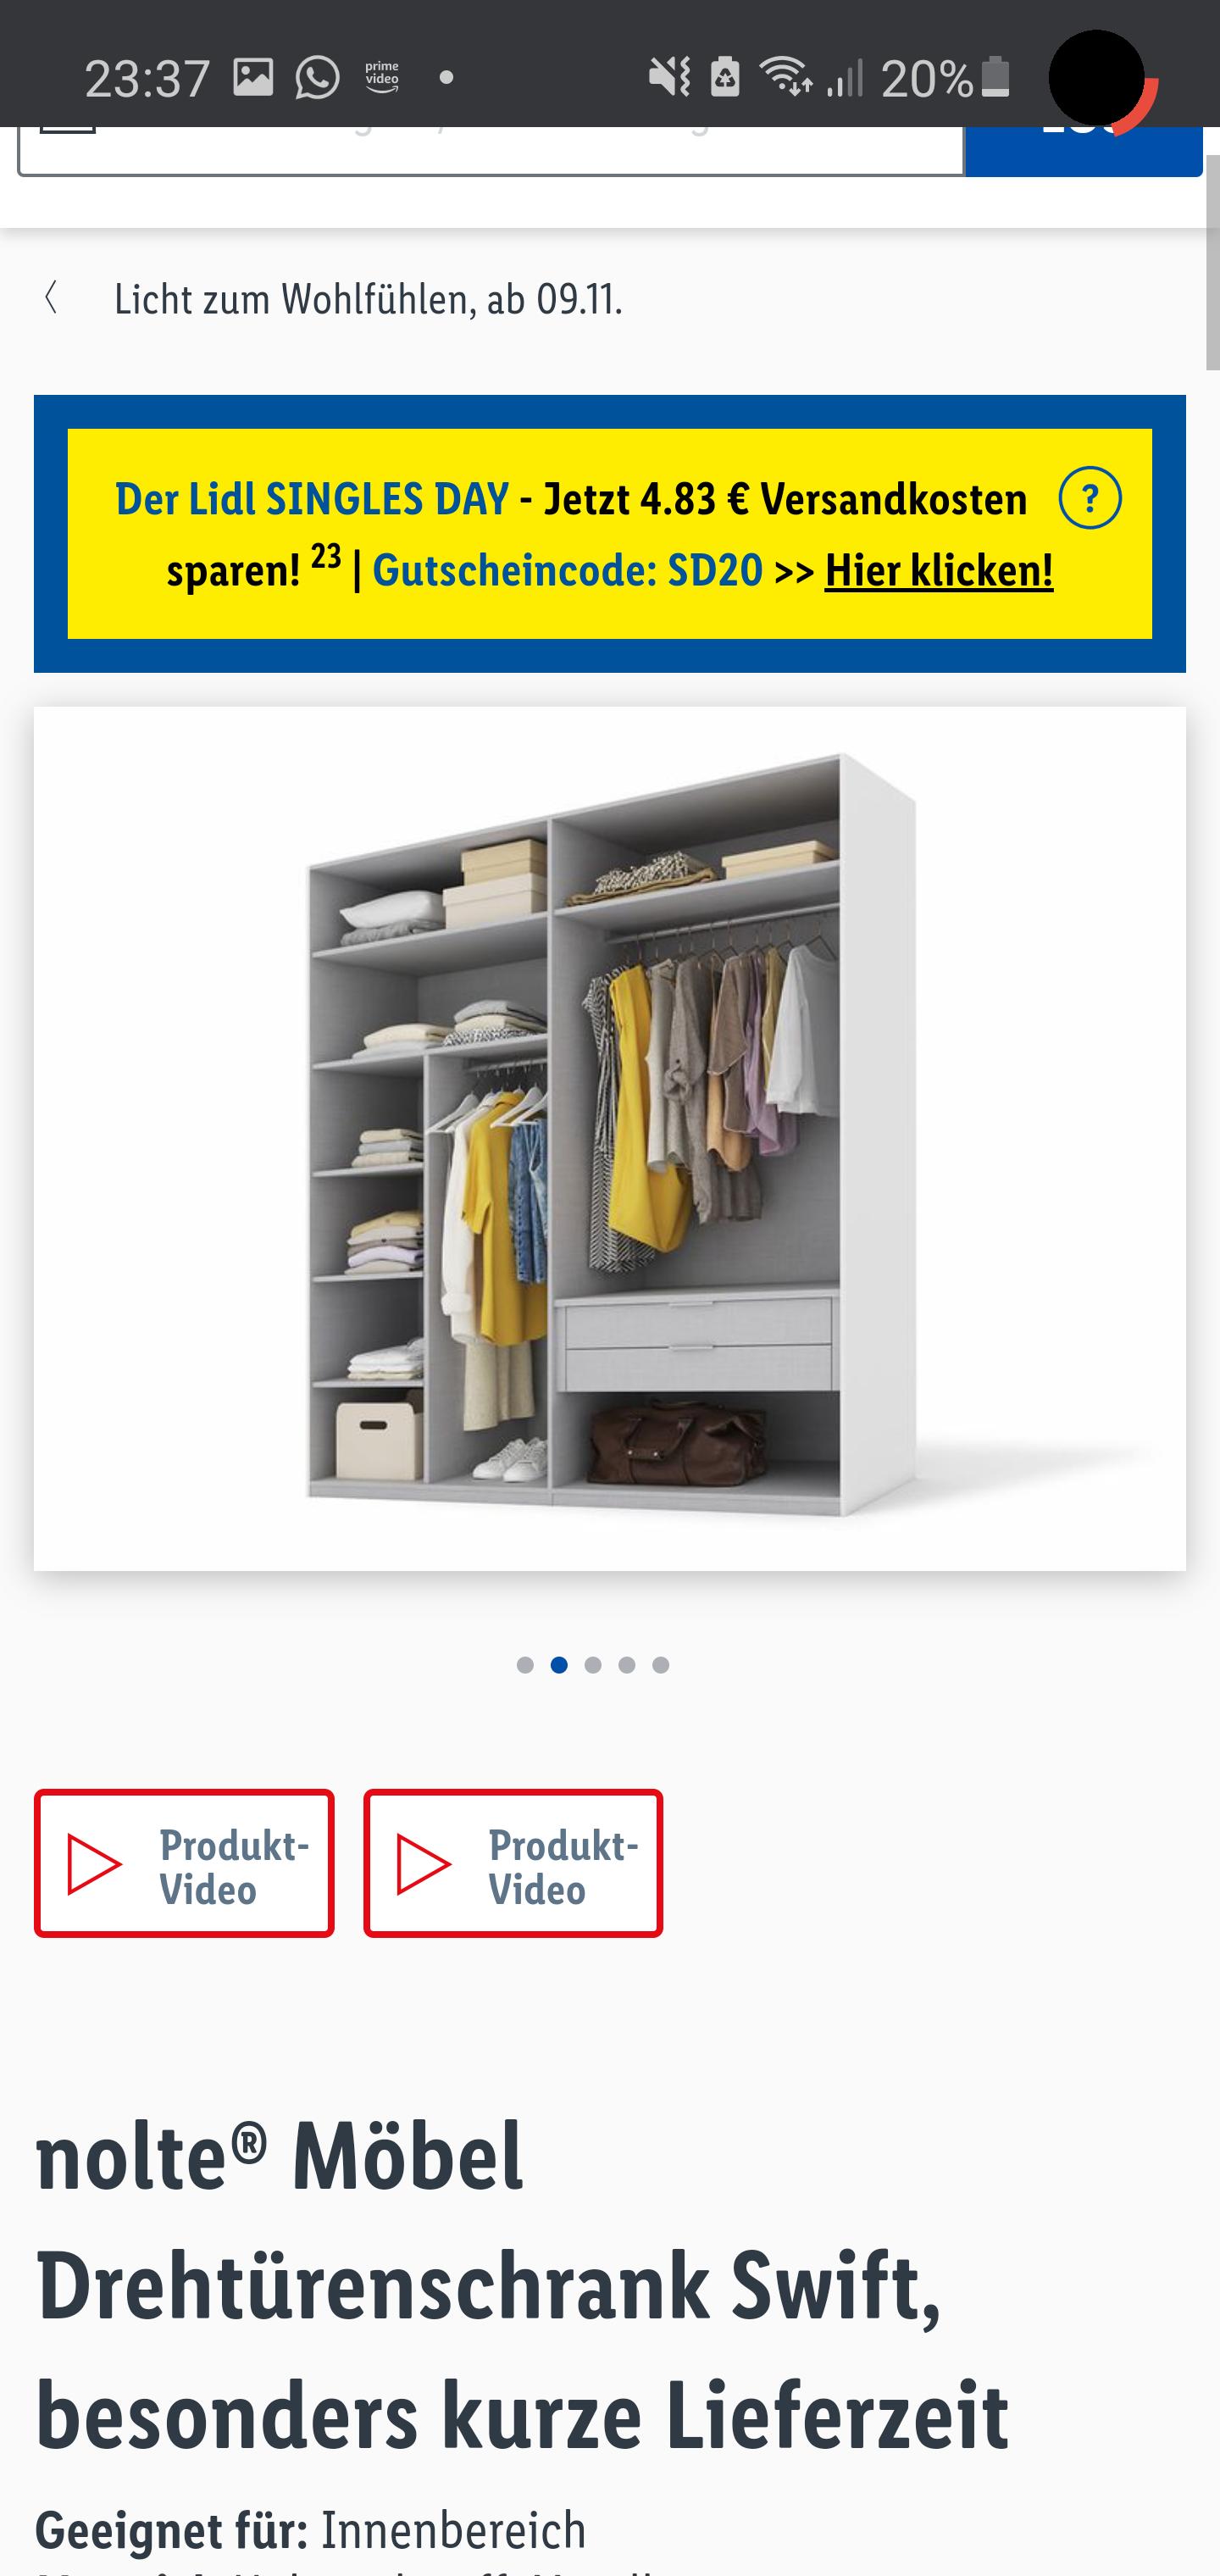 nolte® Möbel Drehtürenschrank Swift, besonders kurze Lieferzeit